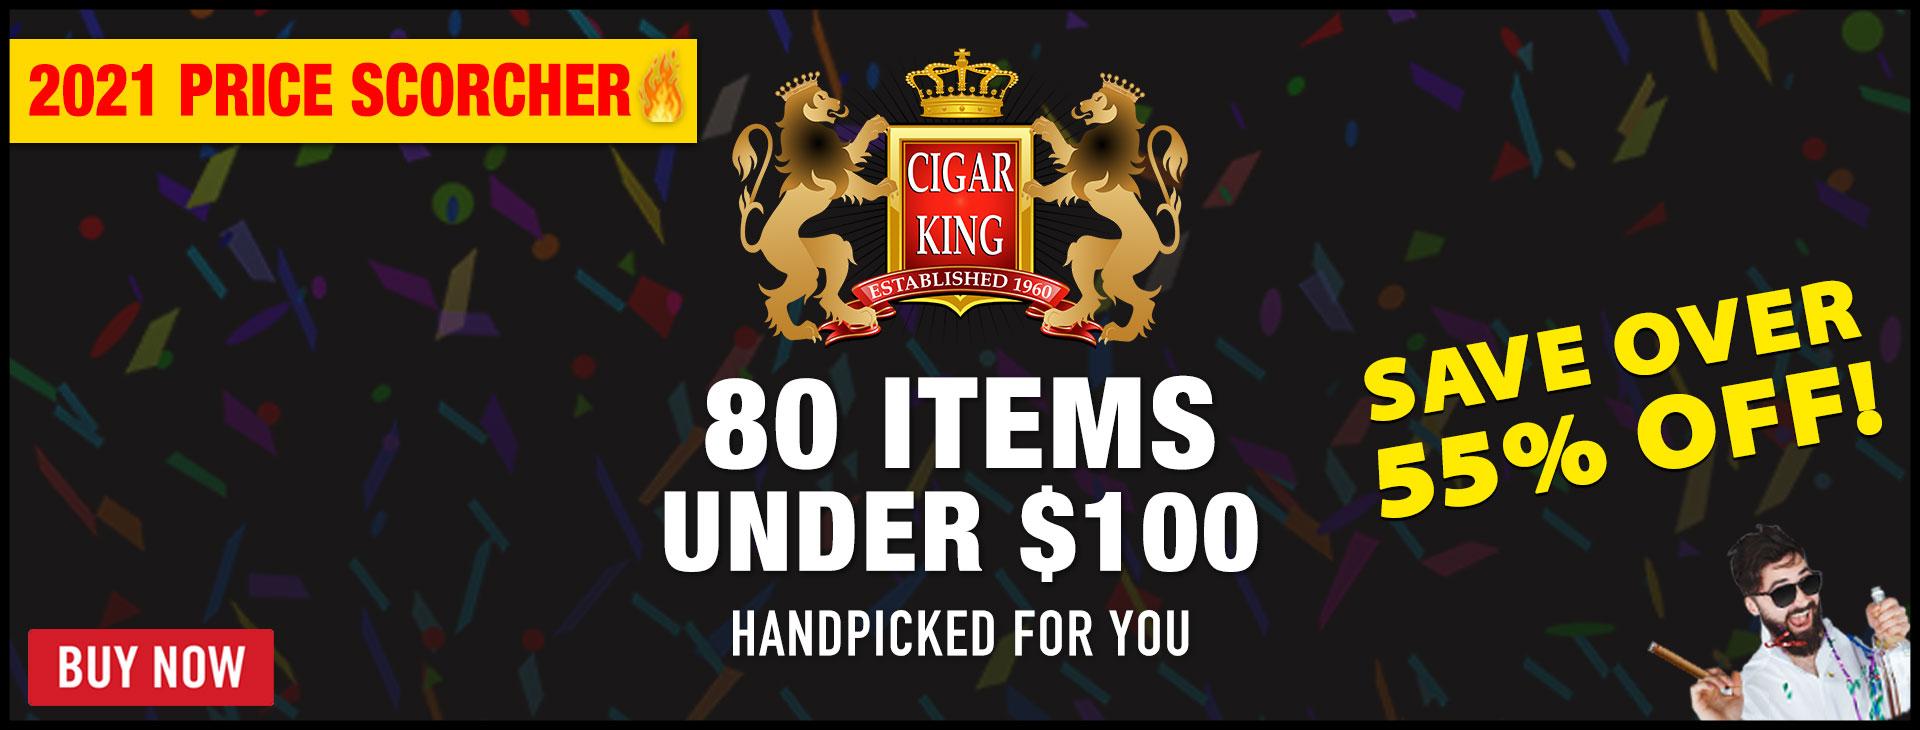 80-items-under-100-2021-banner.jpg